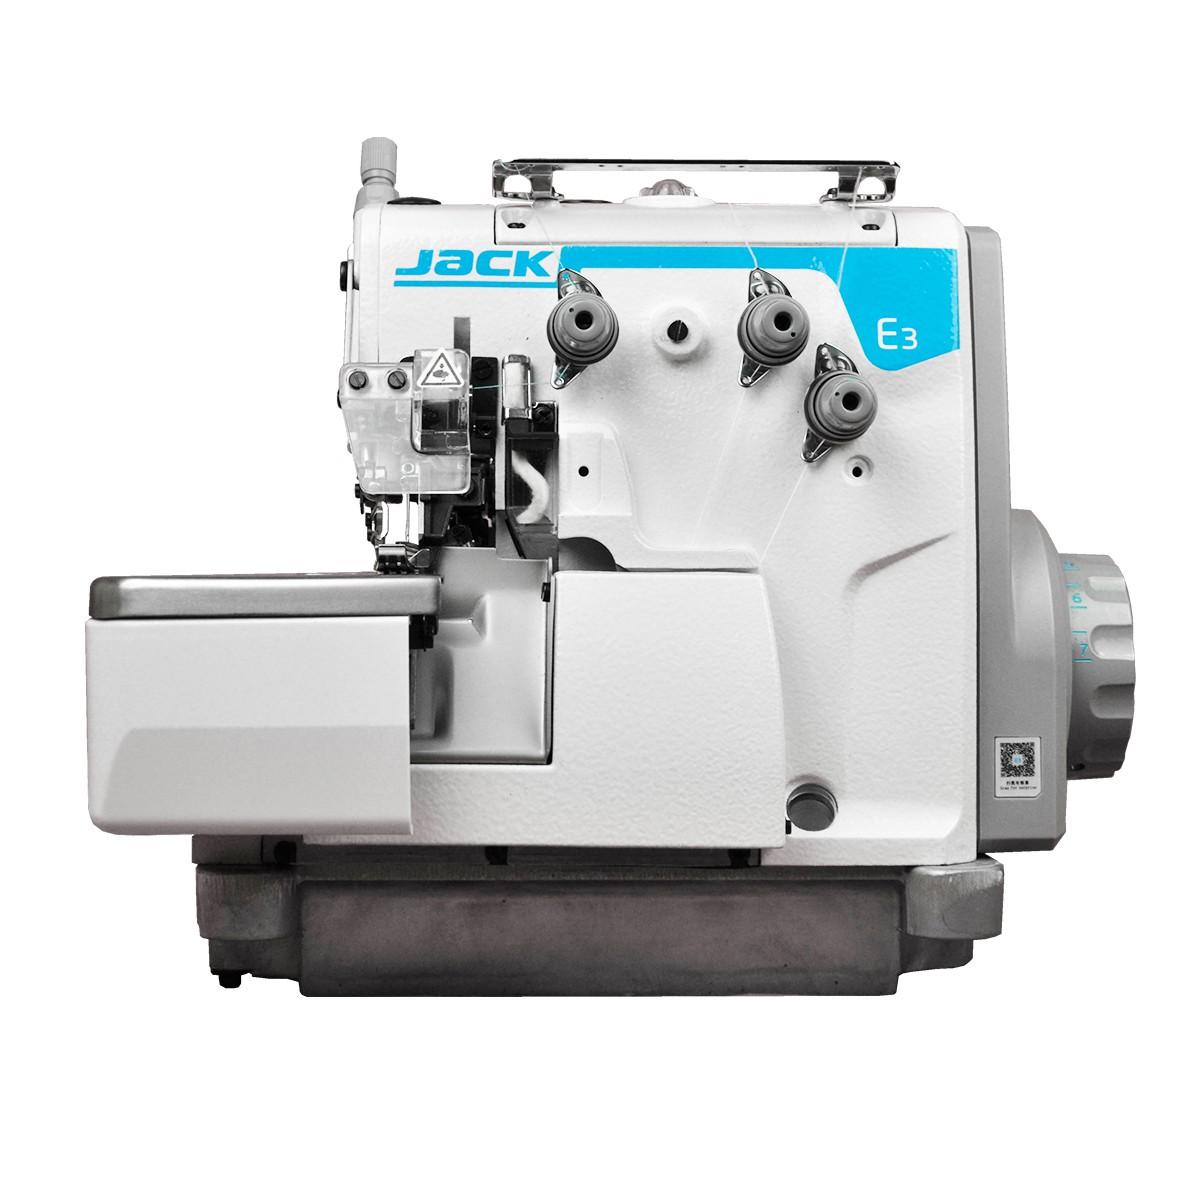 Maquina de Costura Industrial Overlock Jack E3-3-M2-04 220V